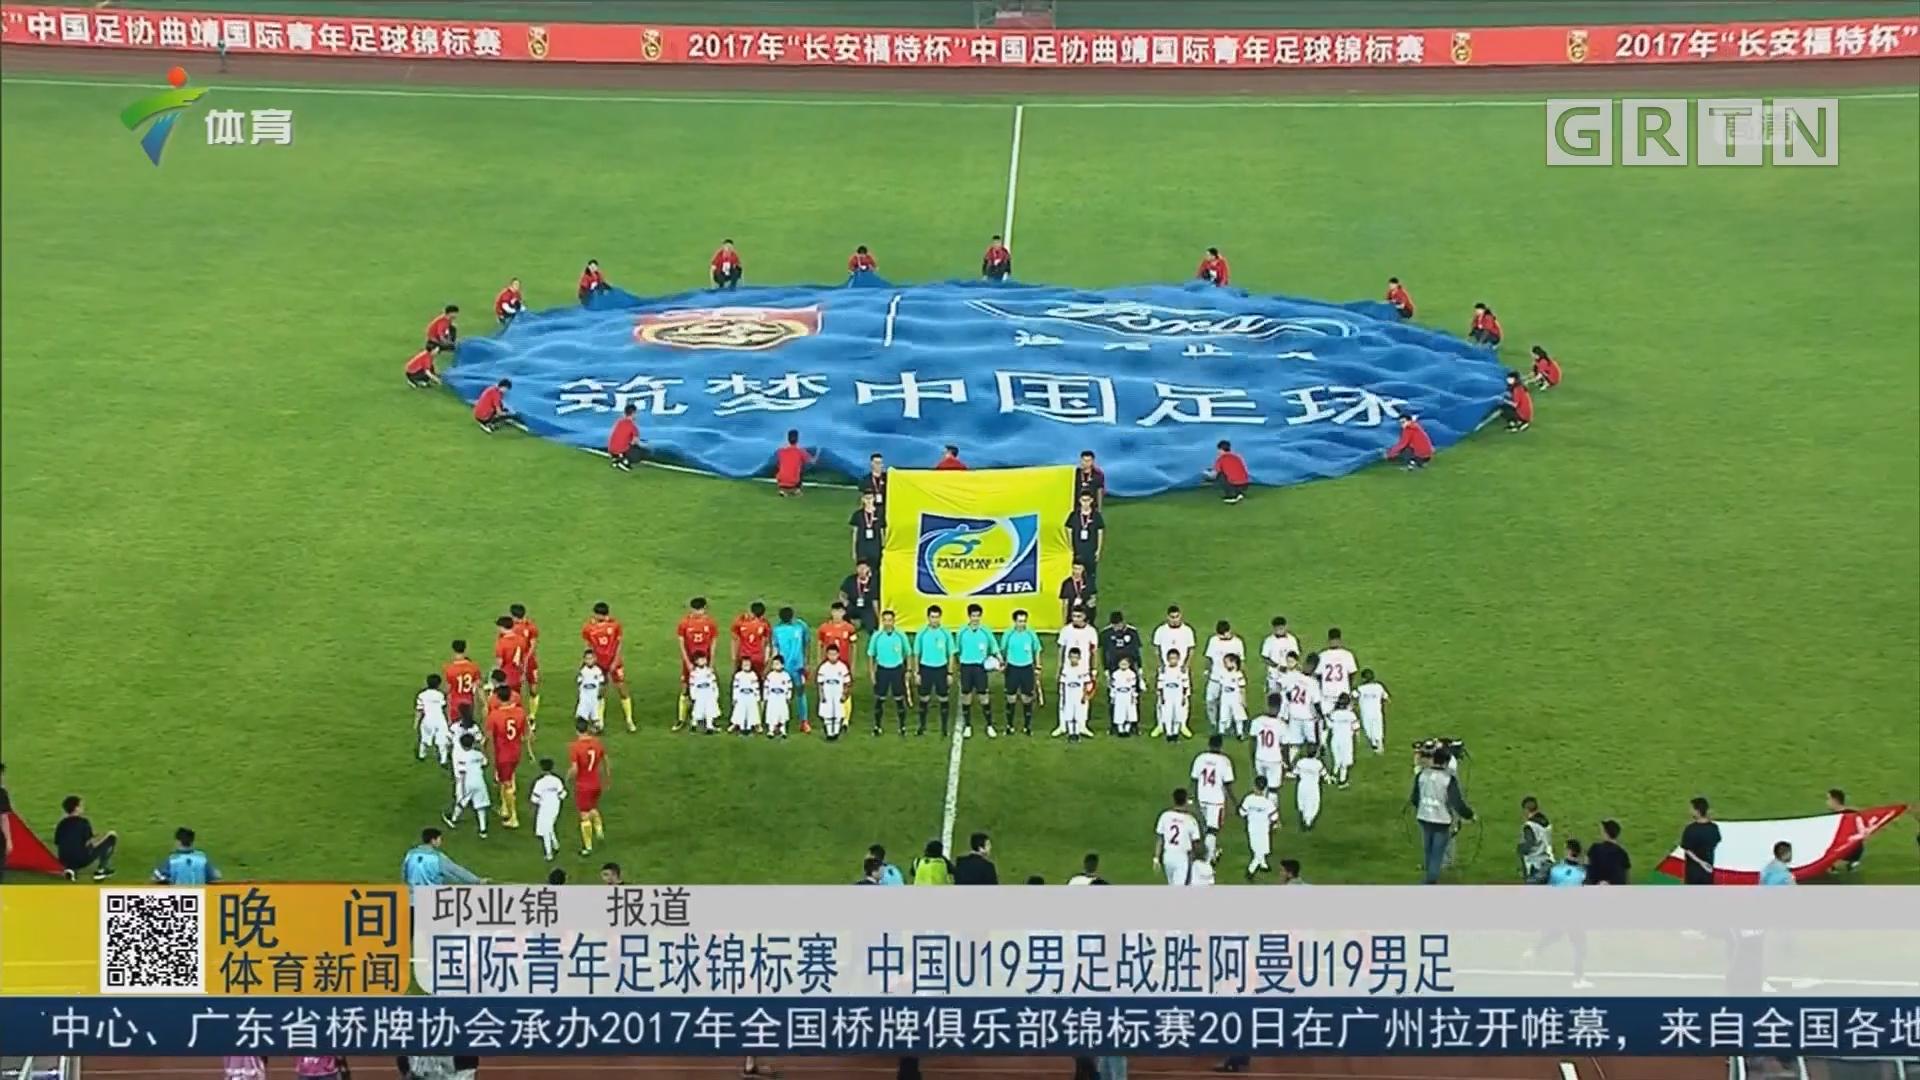 国际青年足球锦标赛 中国U19男足战胜阿曼U19男足